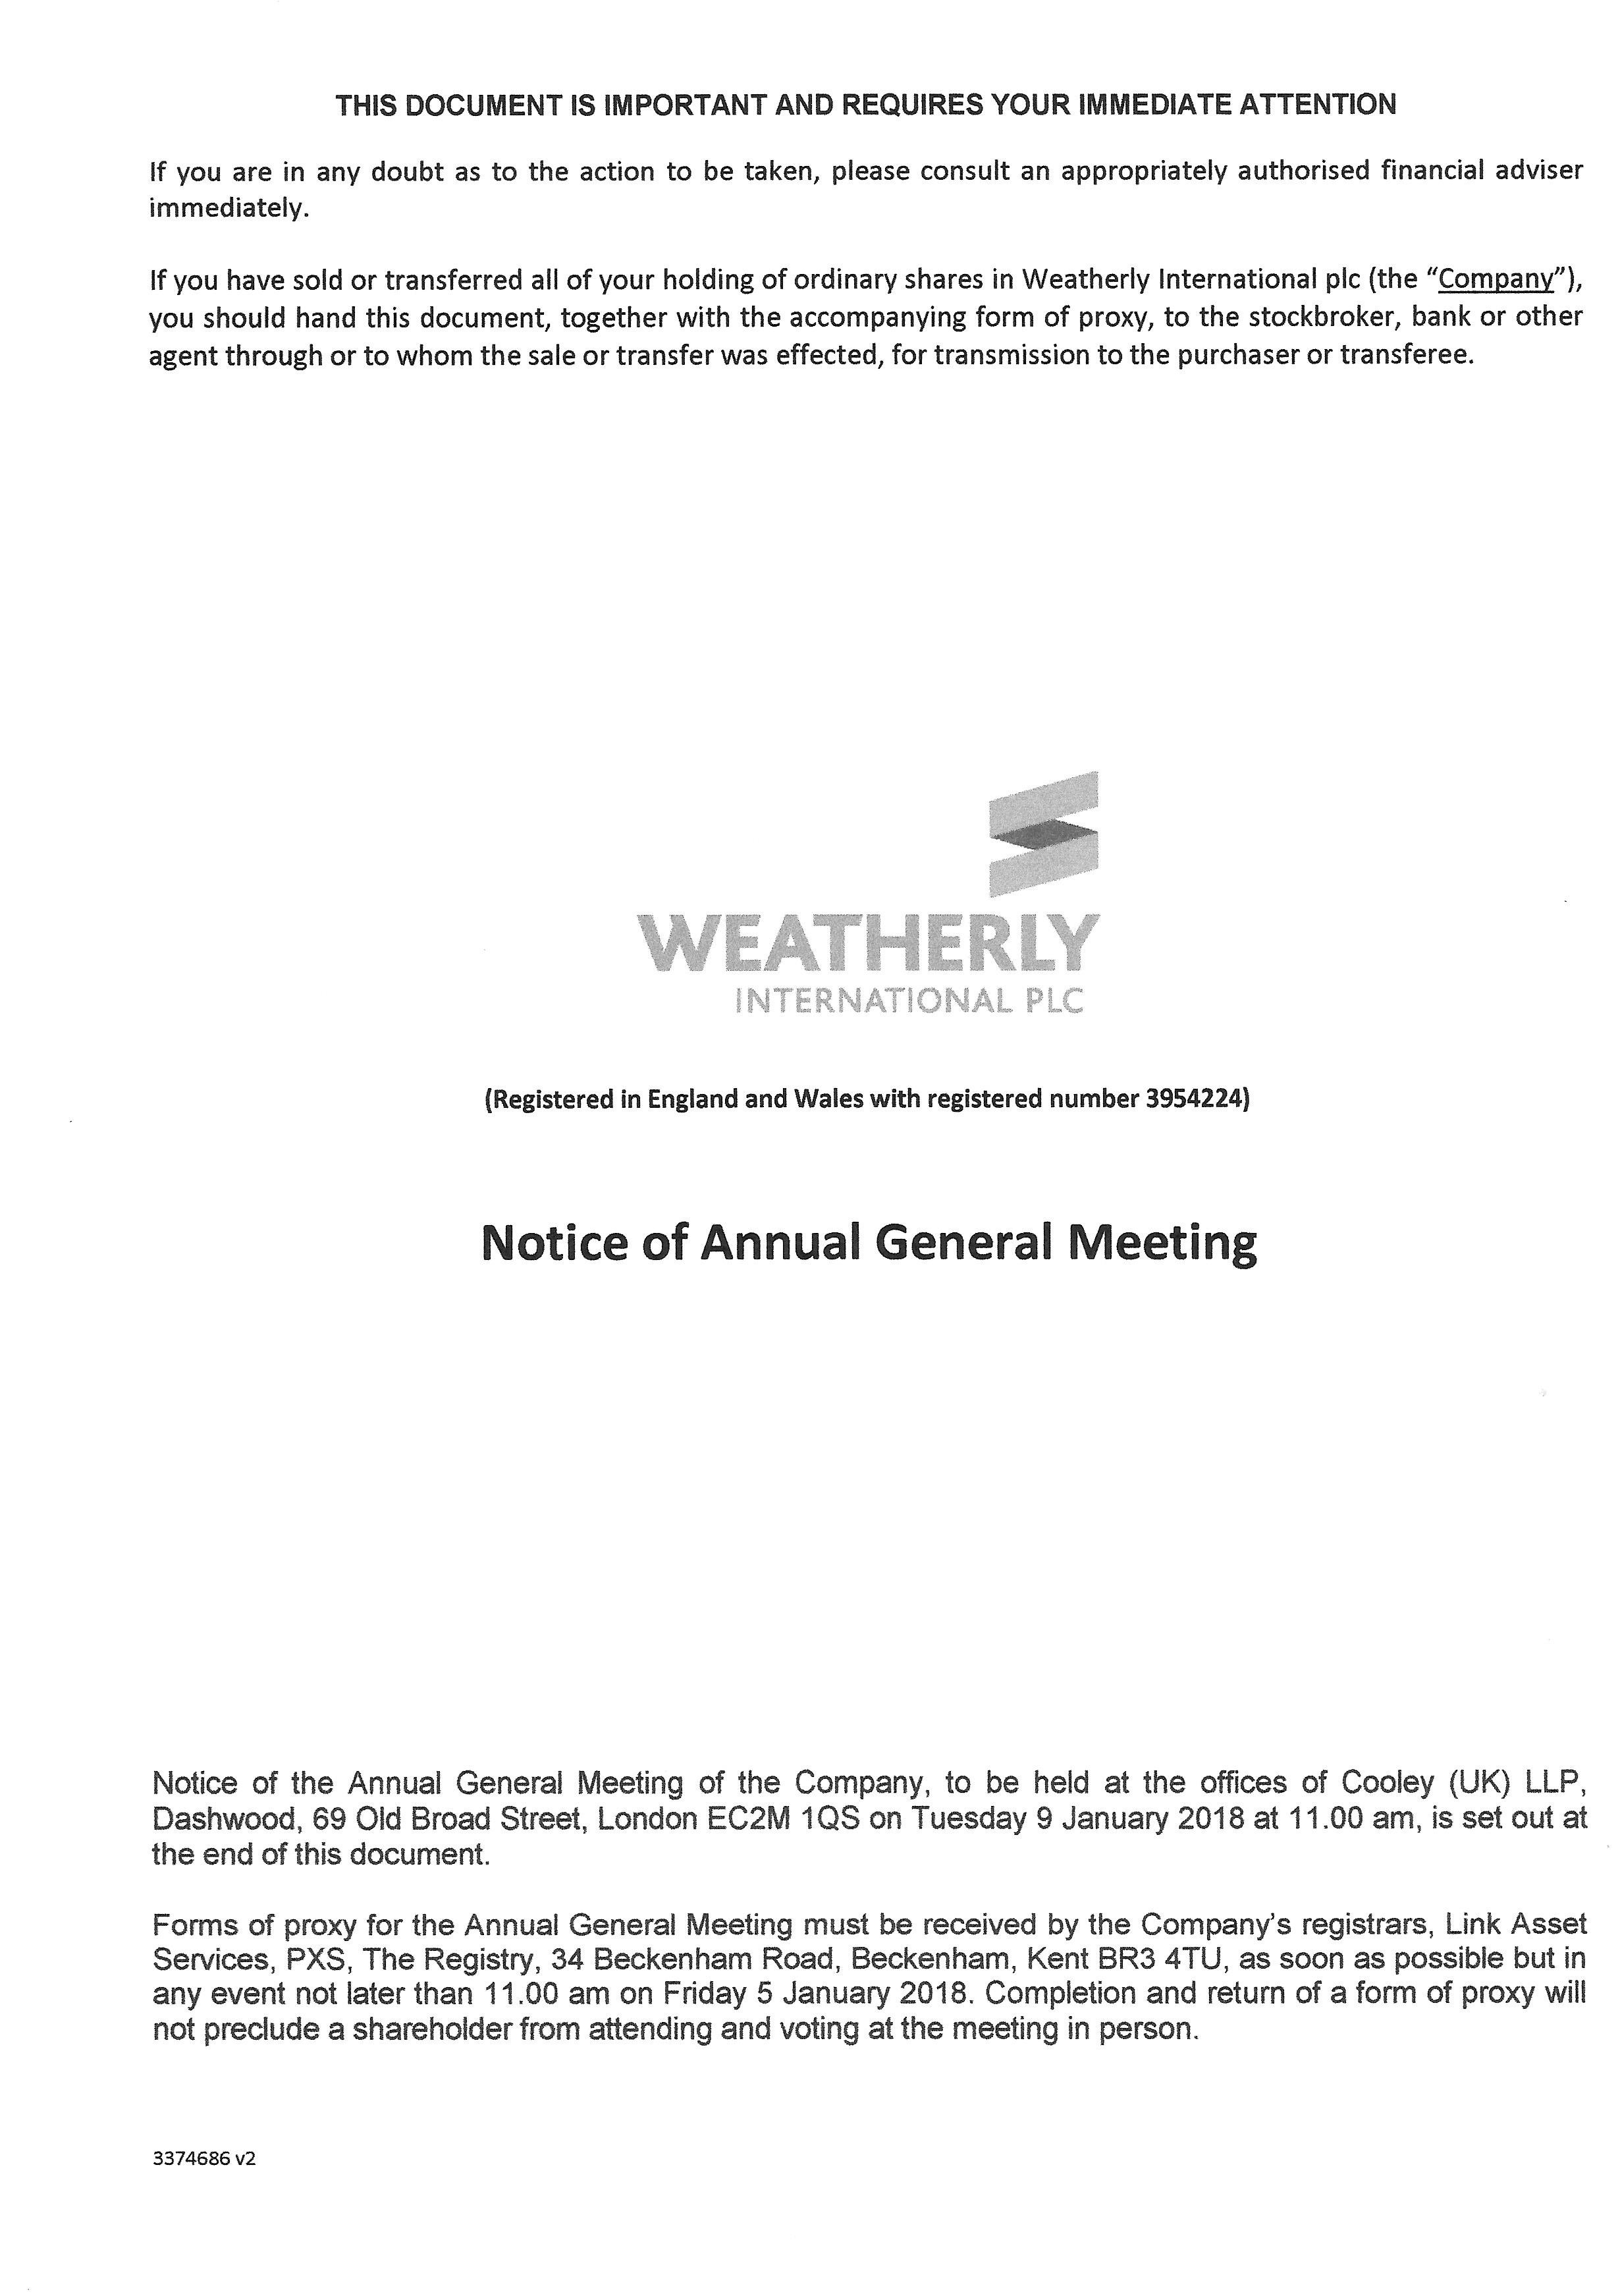 Notice of AGM 2017